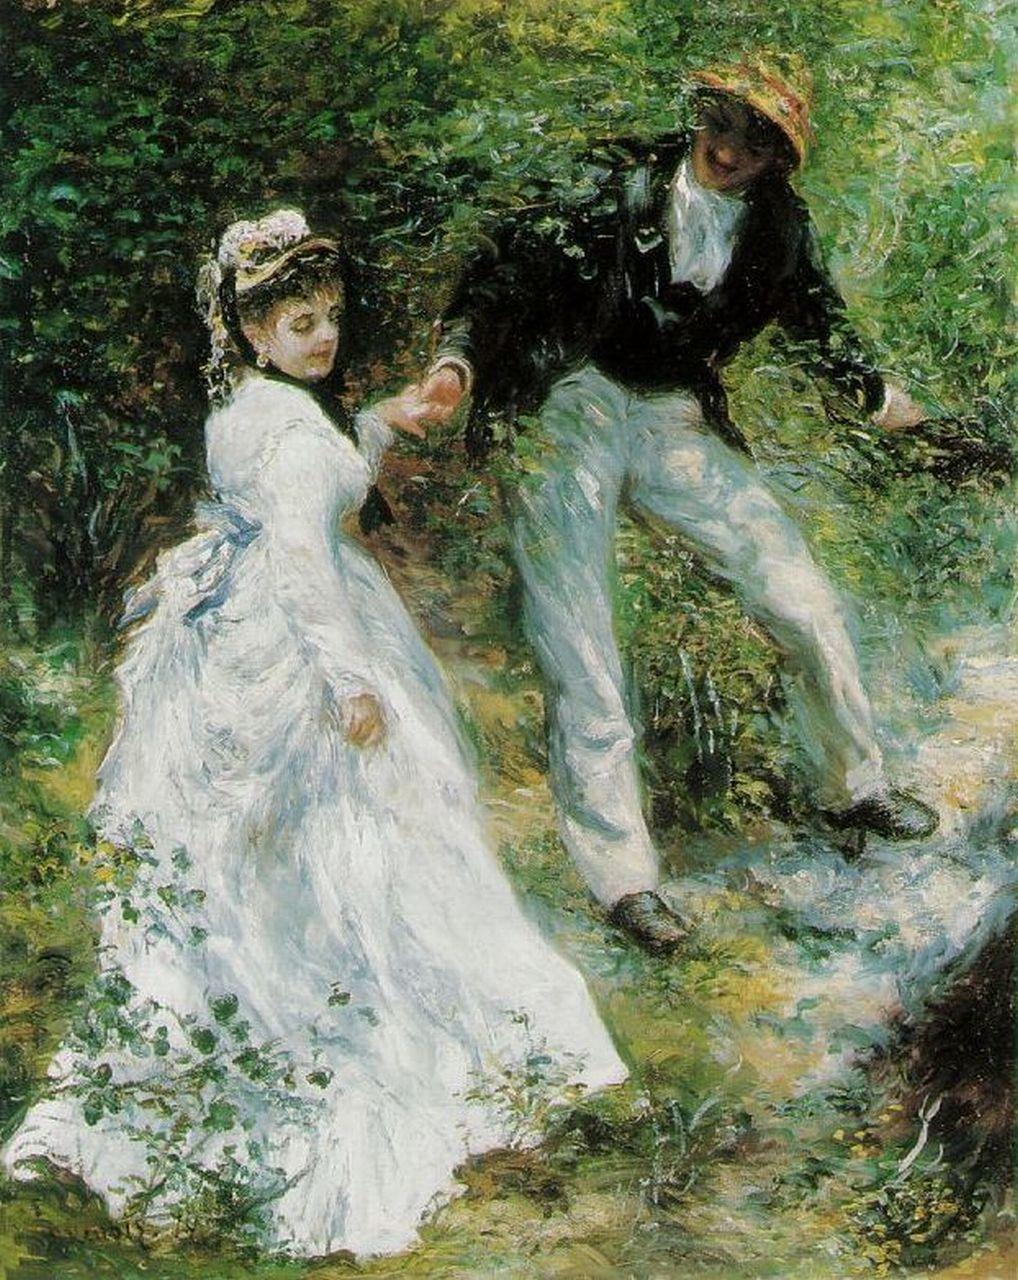 La promenade - Renoir, 1870